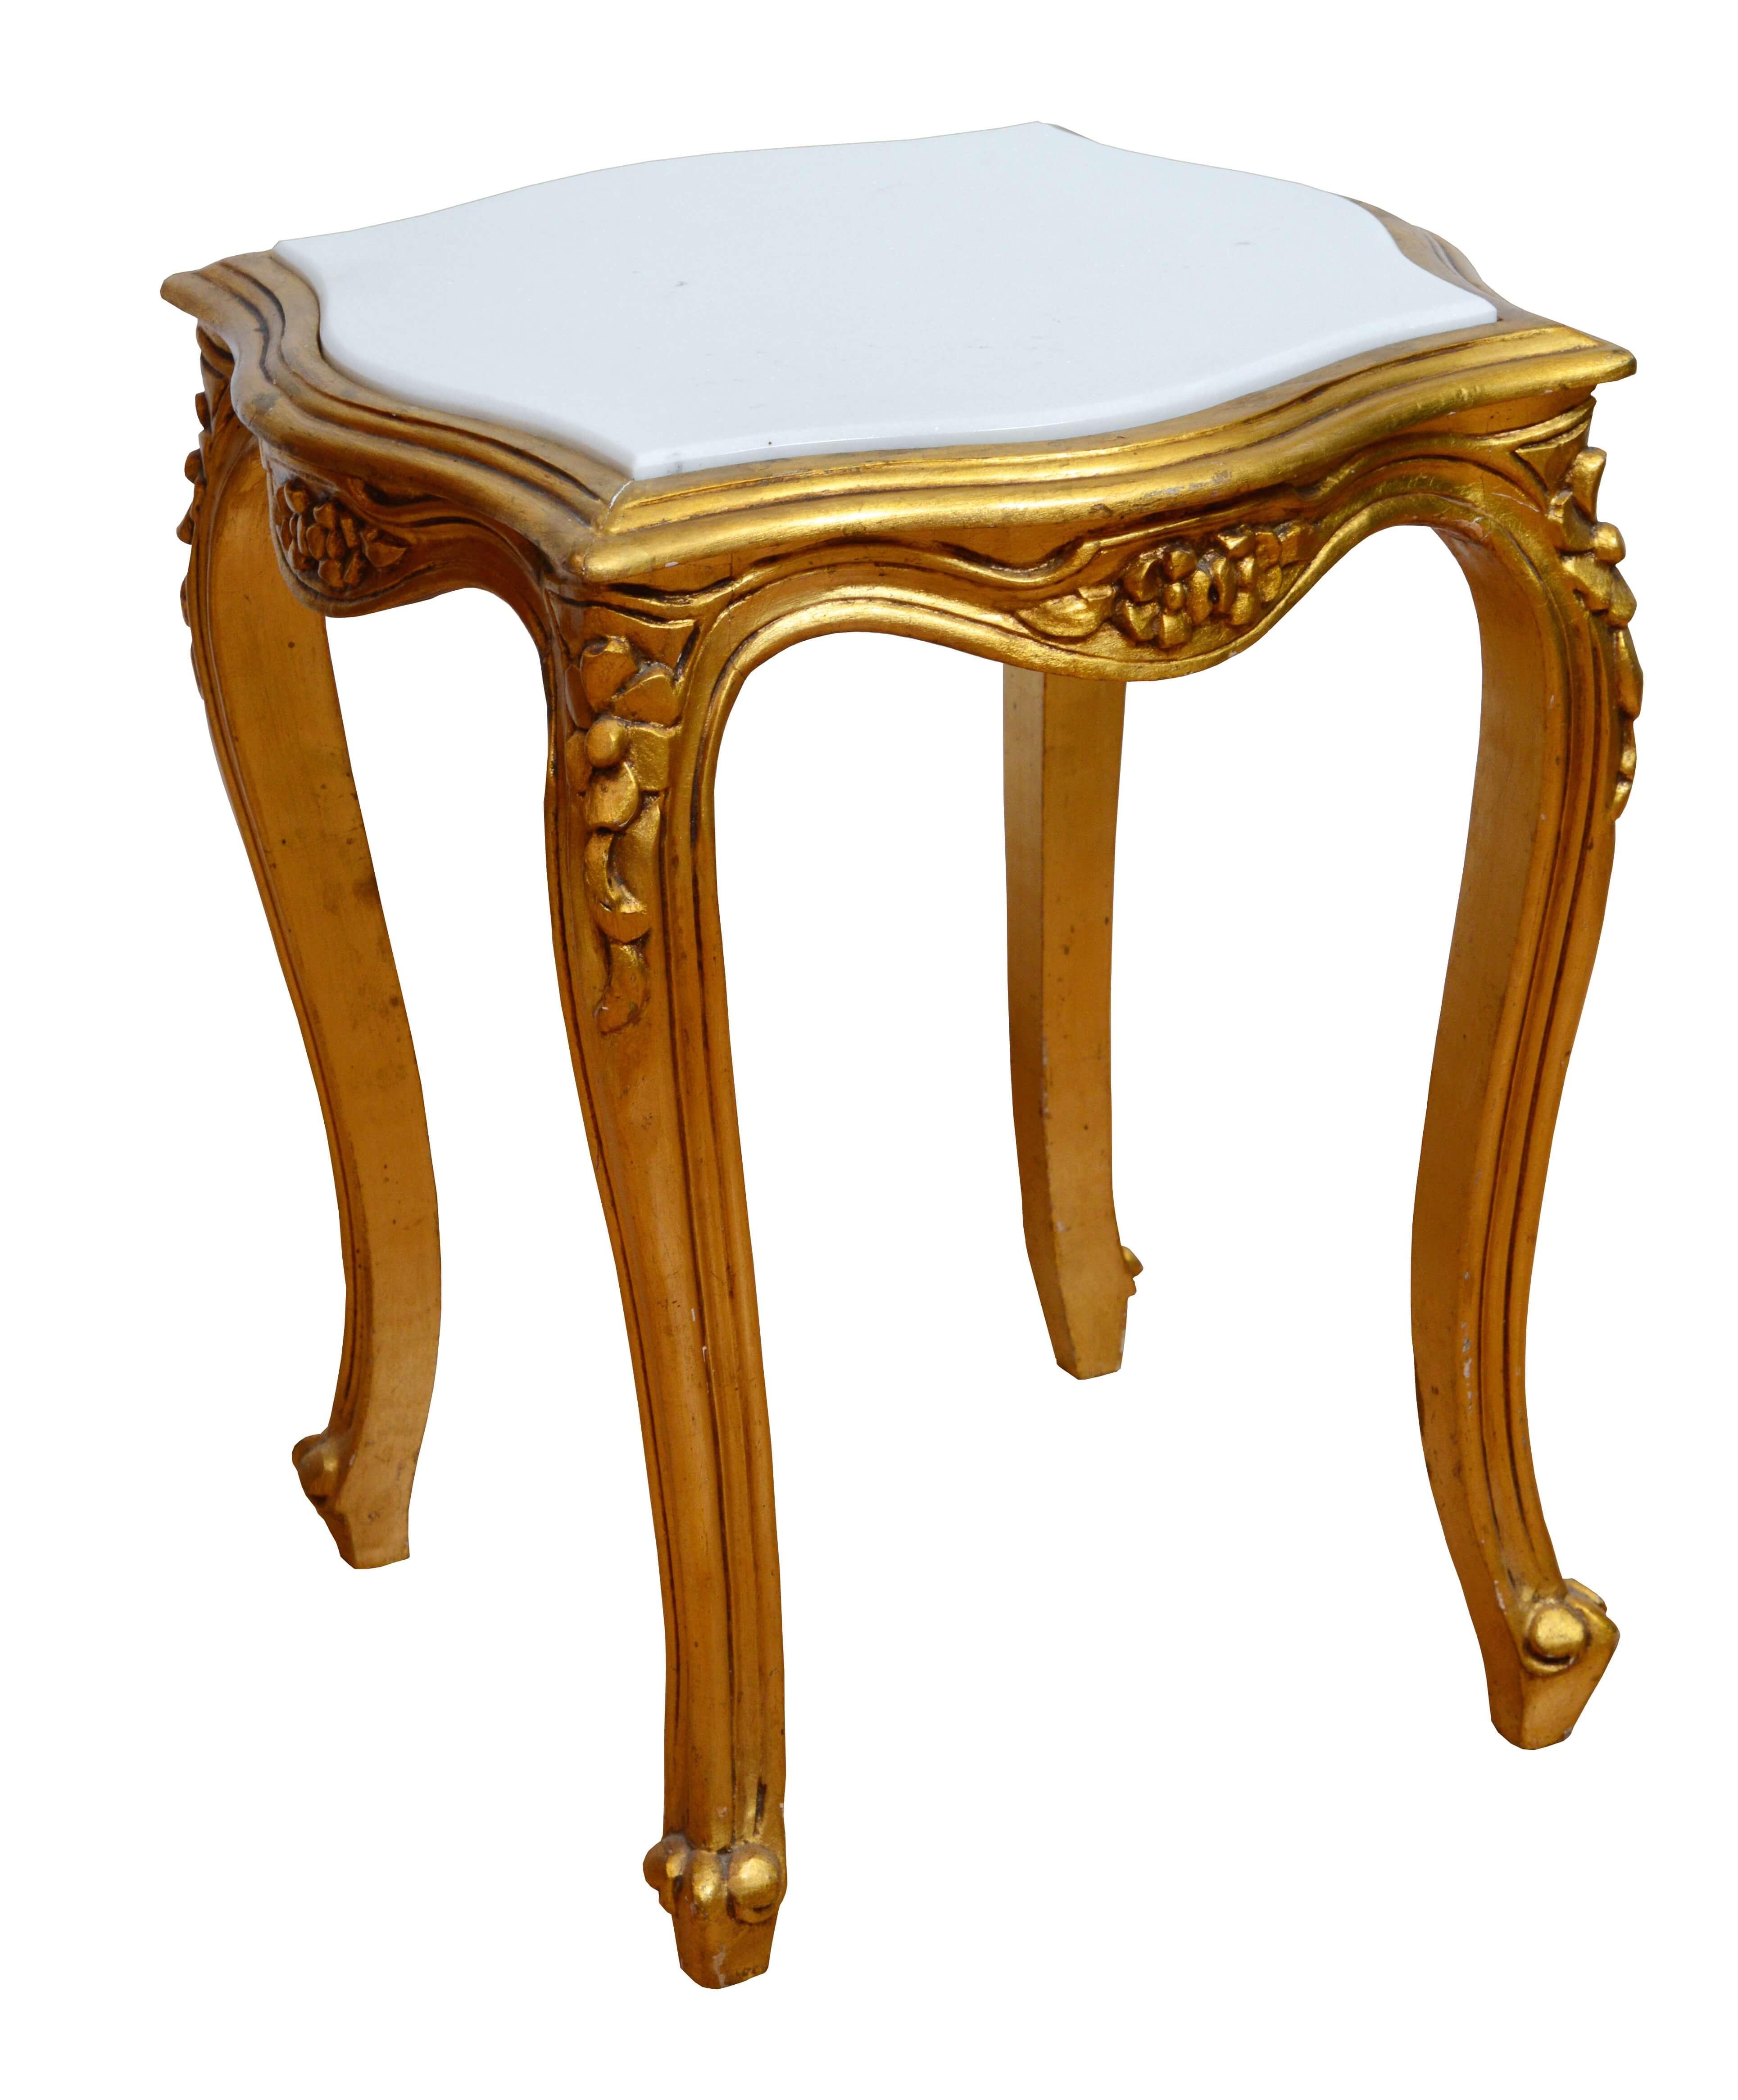 Foldfarbiger Beistelltisch mit Marmorplatte m französischen Stil ist ein kleines Goldstück aus gepflegter zweiter Hand das durch eine weiße, polierte Marmorplatte gekrönt wird. Hochwertiges aus zweiter Hand bei Phönix Schöner Leben